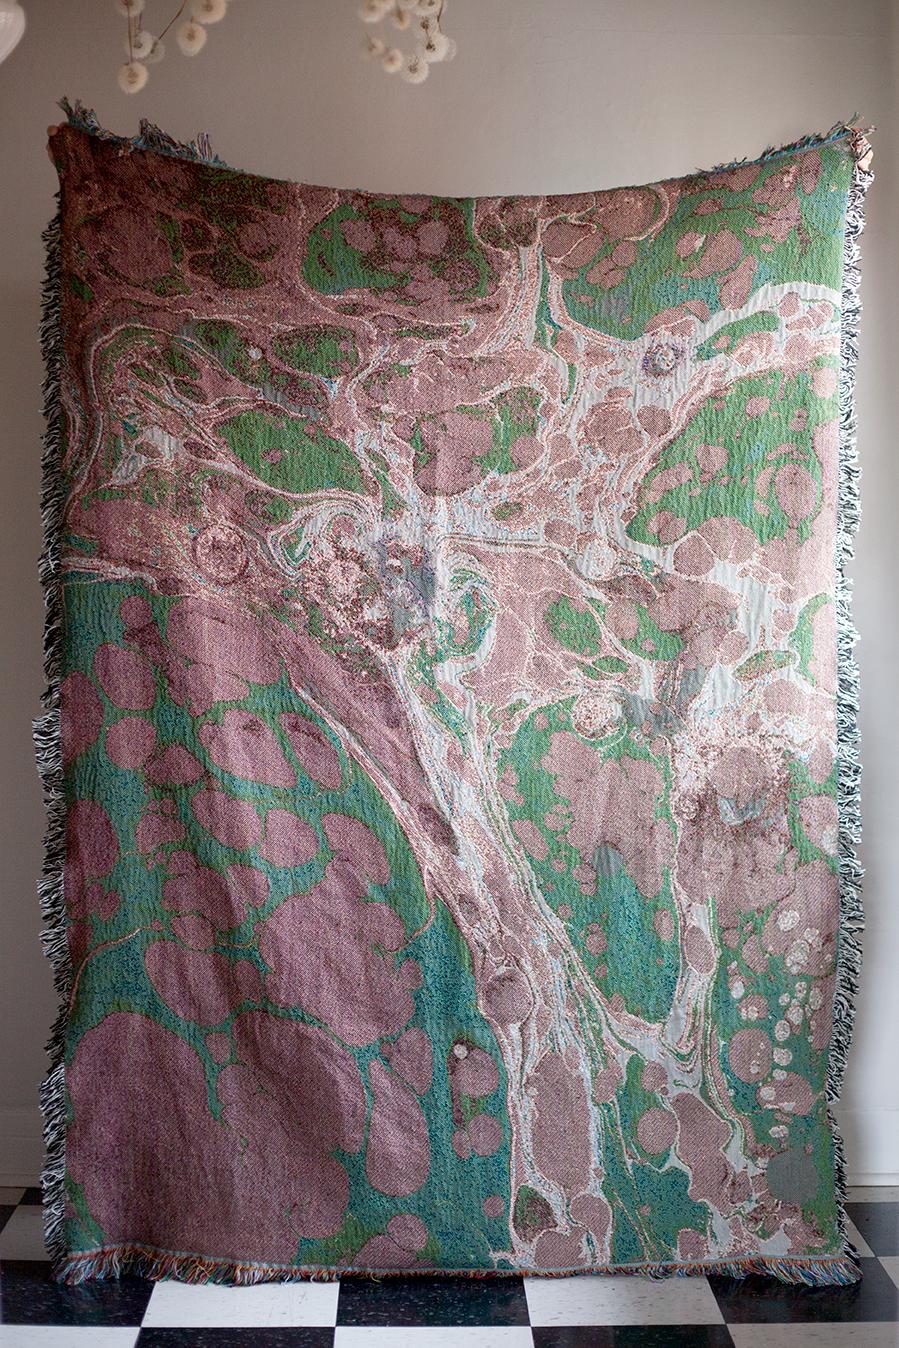 teal_blanket_interior_05.jpg